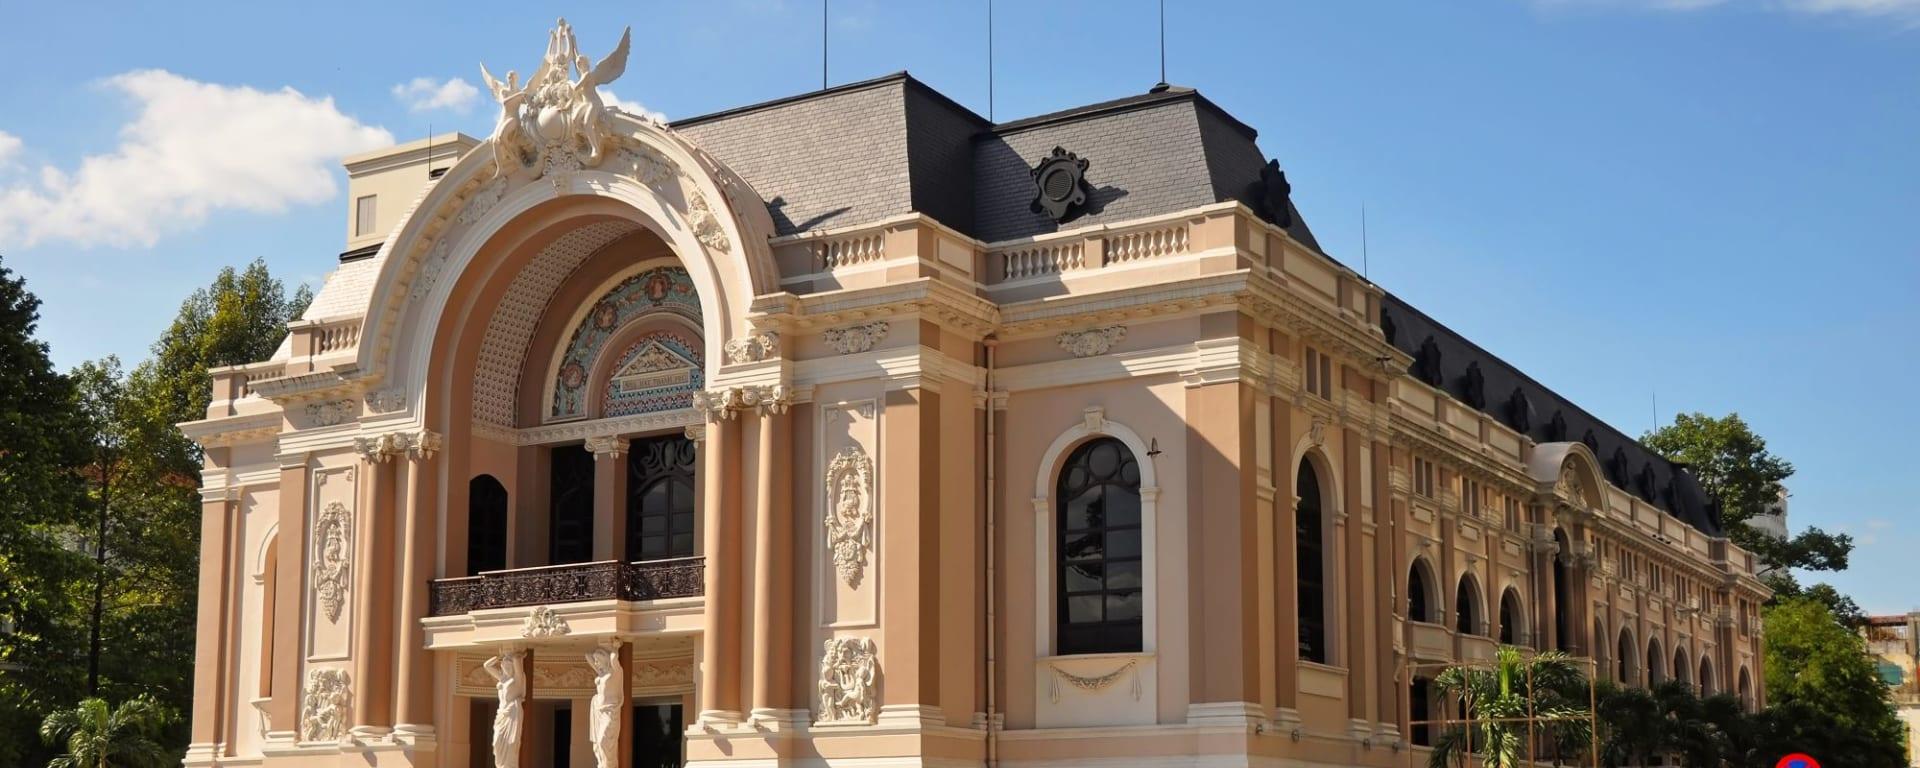 Stadtrundfahrt Saigon - halber Tag: Saigon: Opera